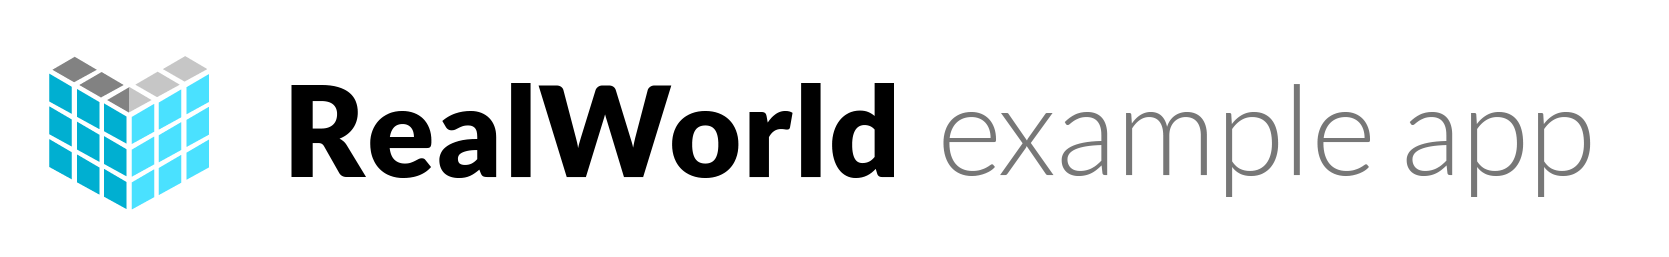 Go / Echo